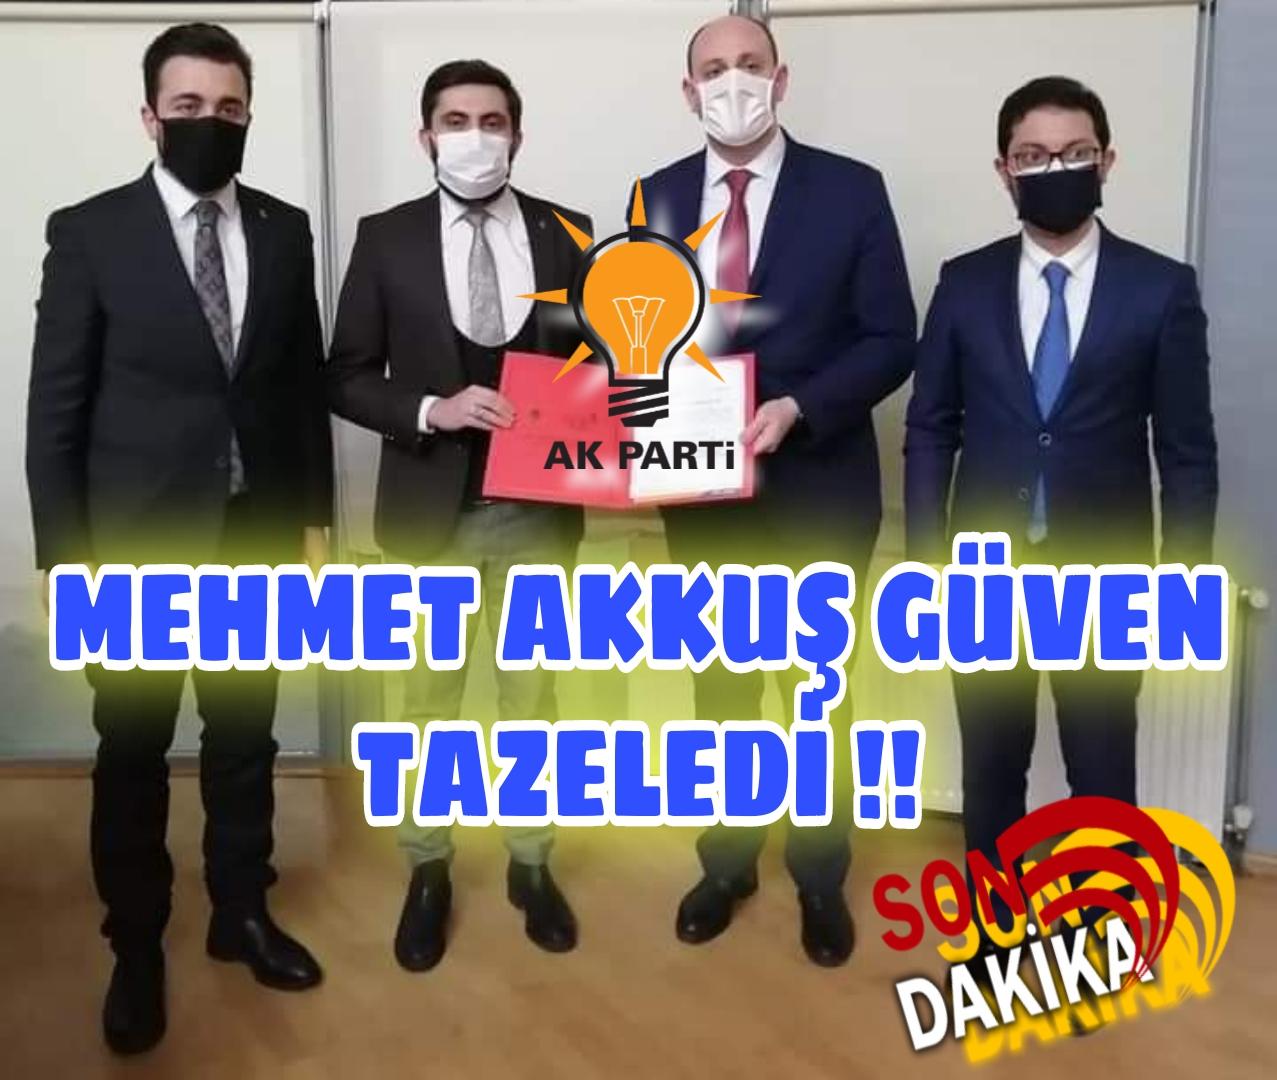 GENEL MERKEZ AKKUŞ' la YOLA DEVAM DEDİ !!